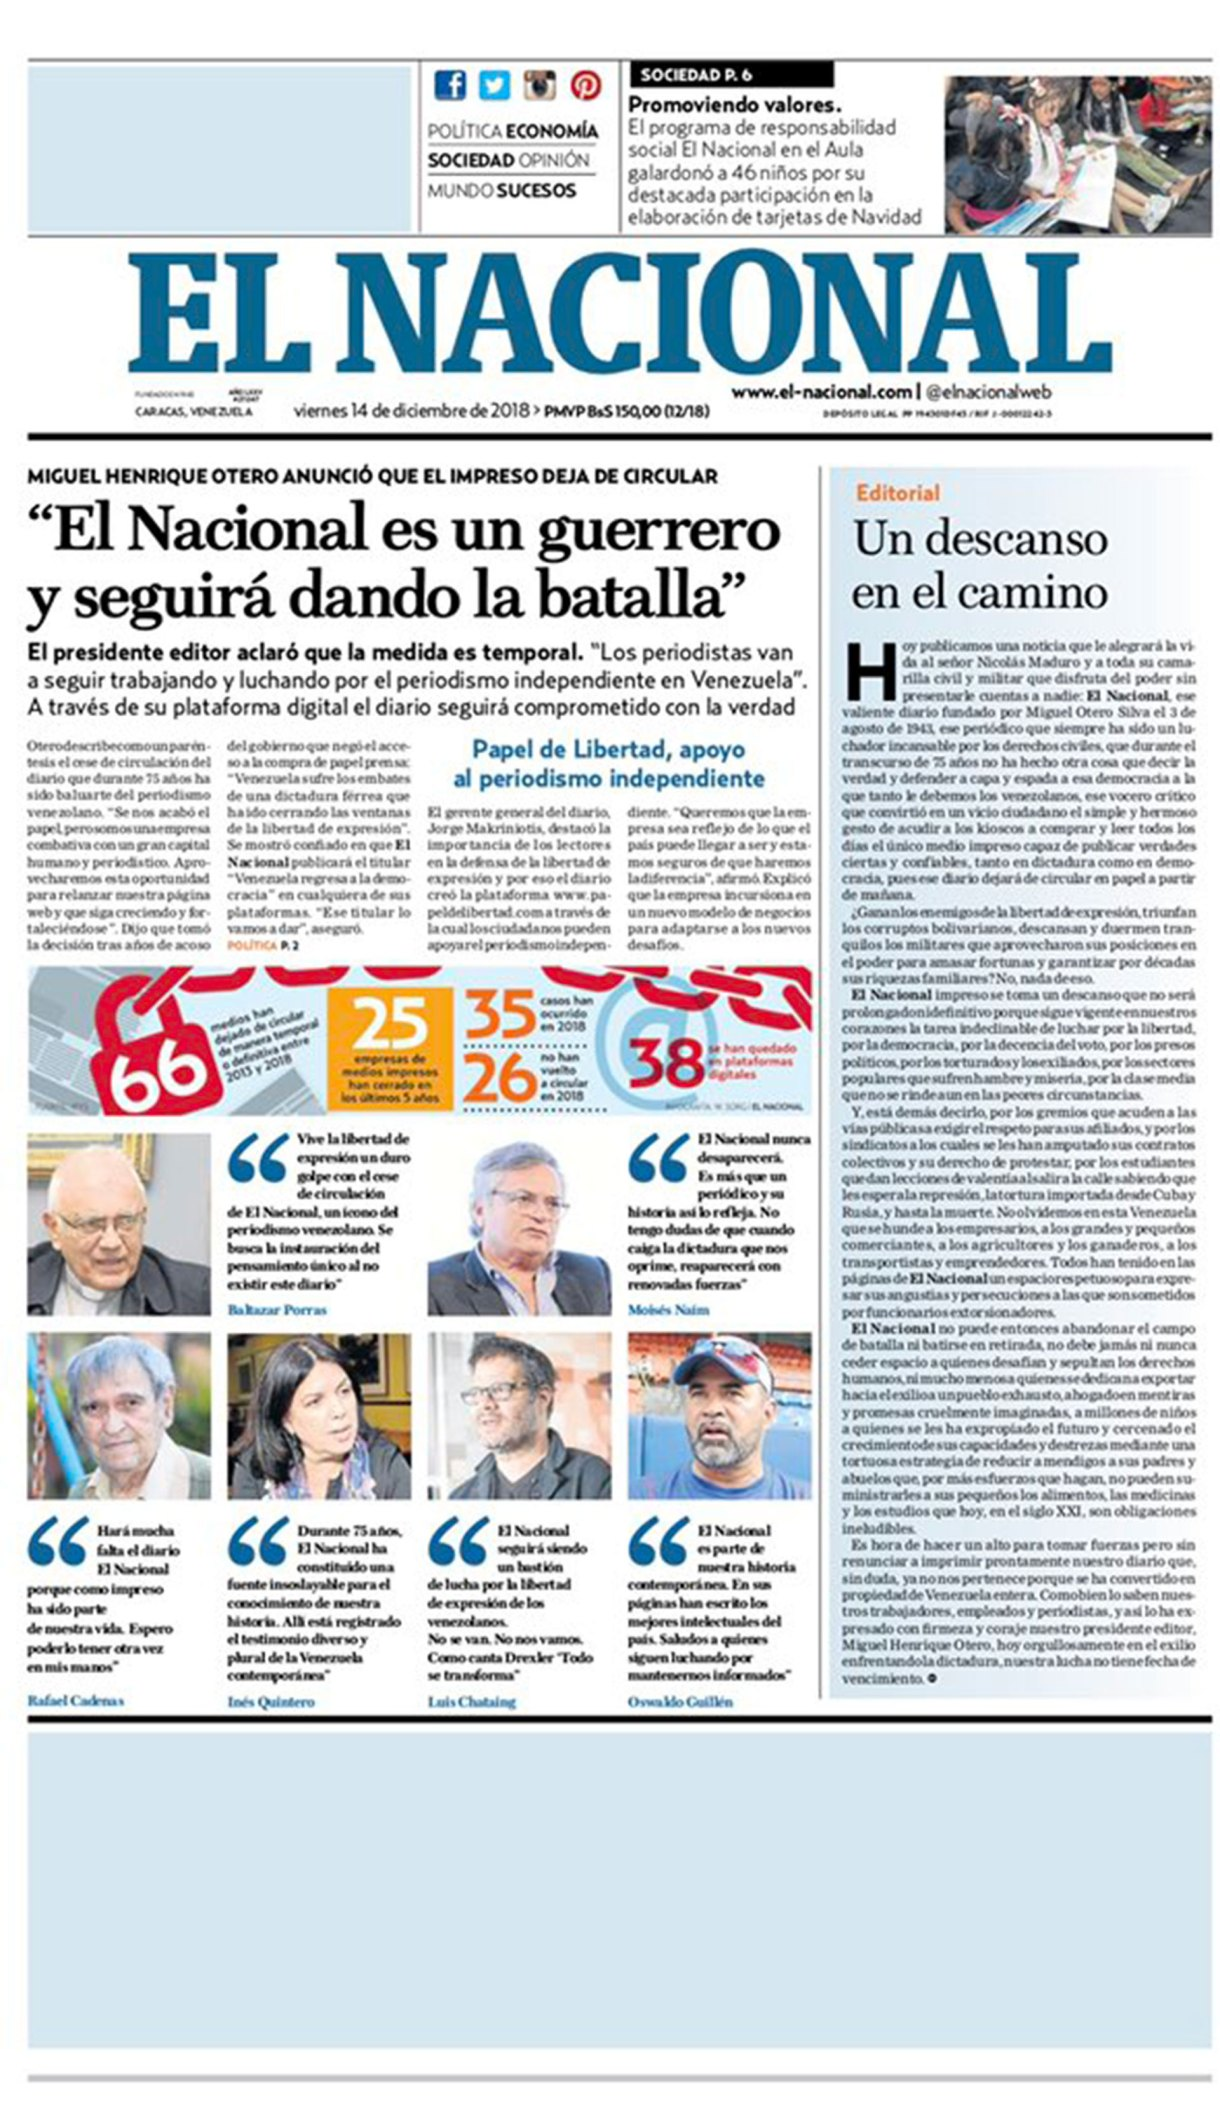 La portada de la última edición en papel de El Nacional